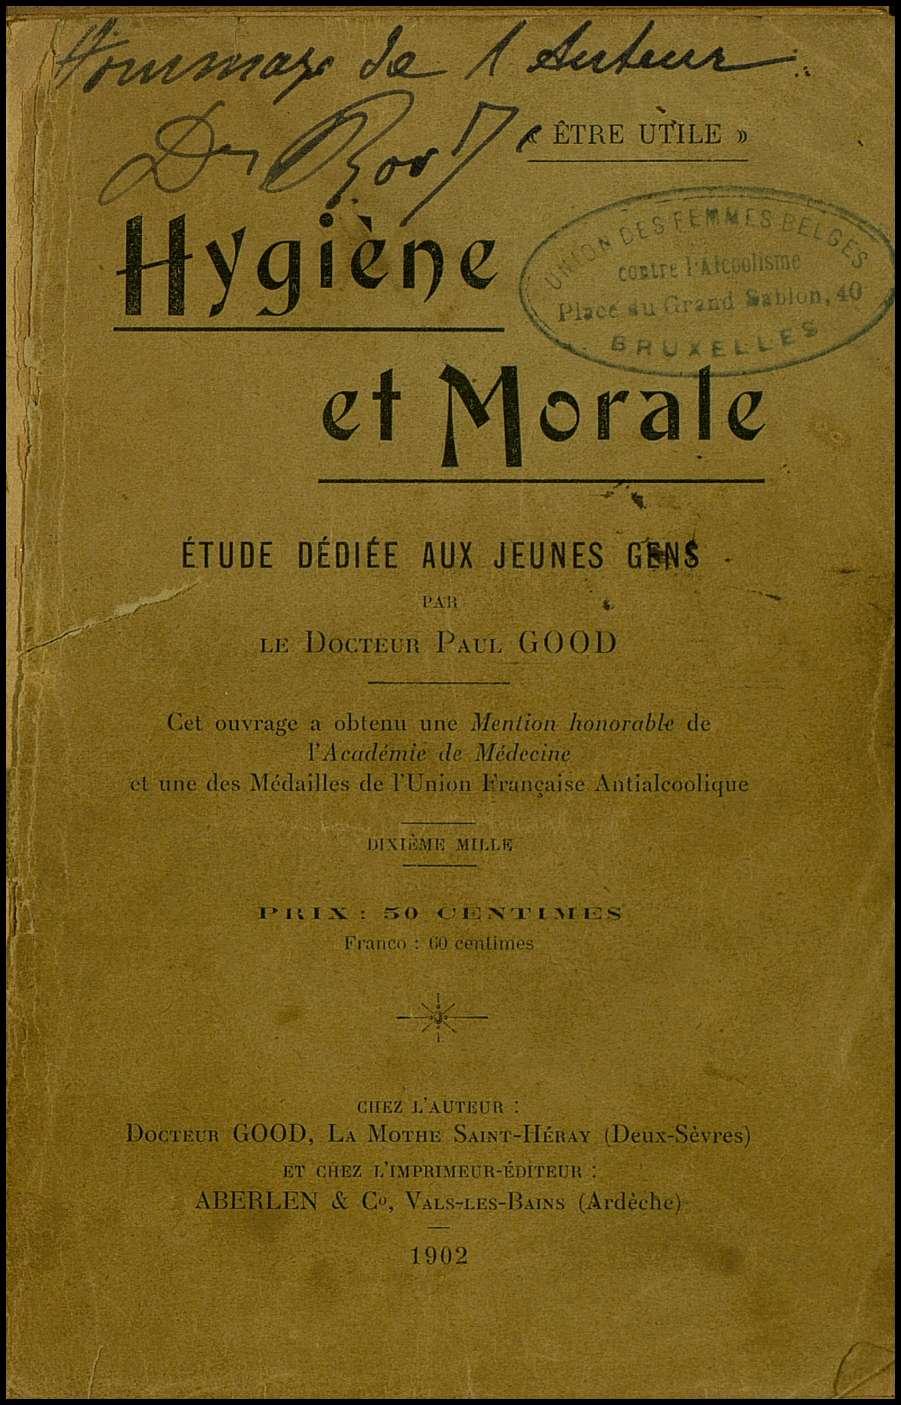 Higiène et morale. Étude dédiée aux jeunes gens